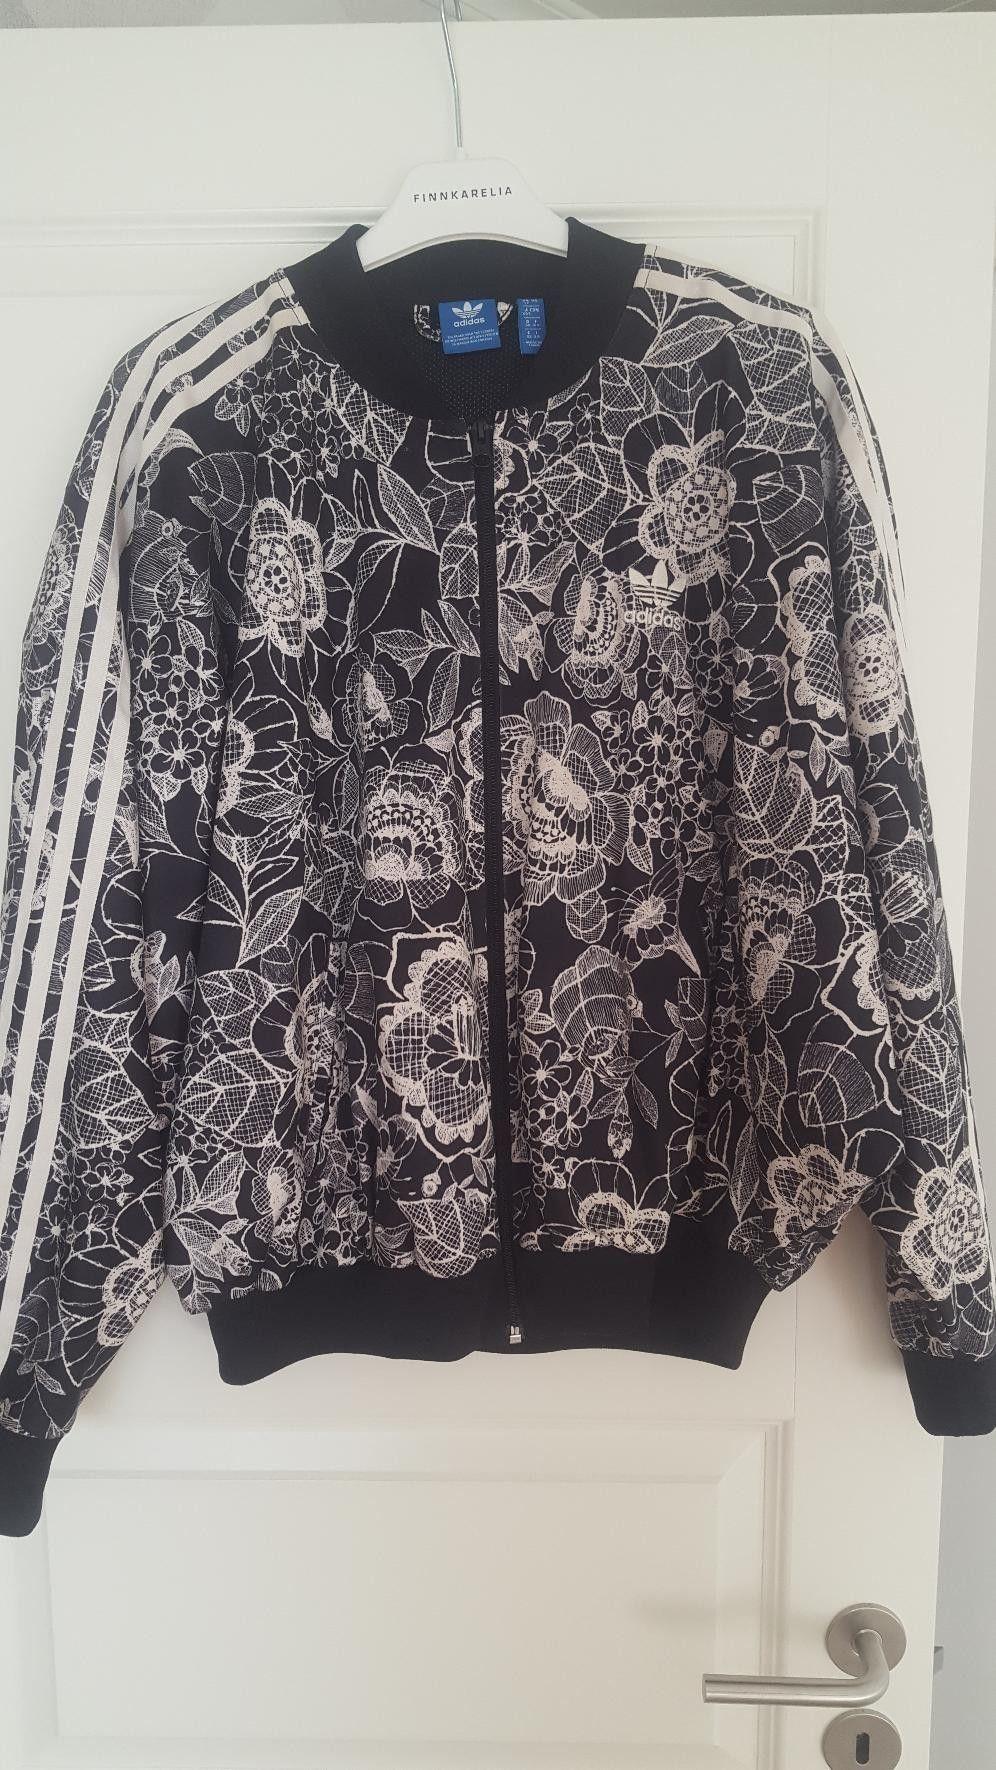 Pent brukt Adidas jakke i str ssmall